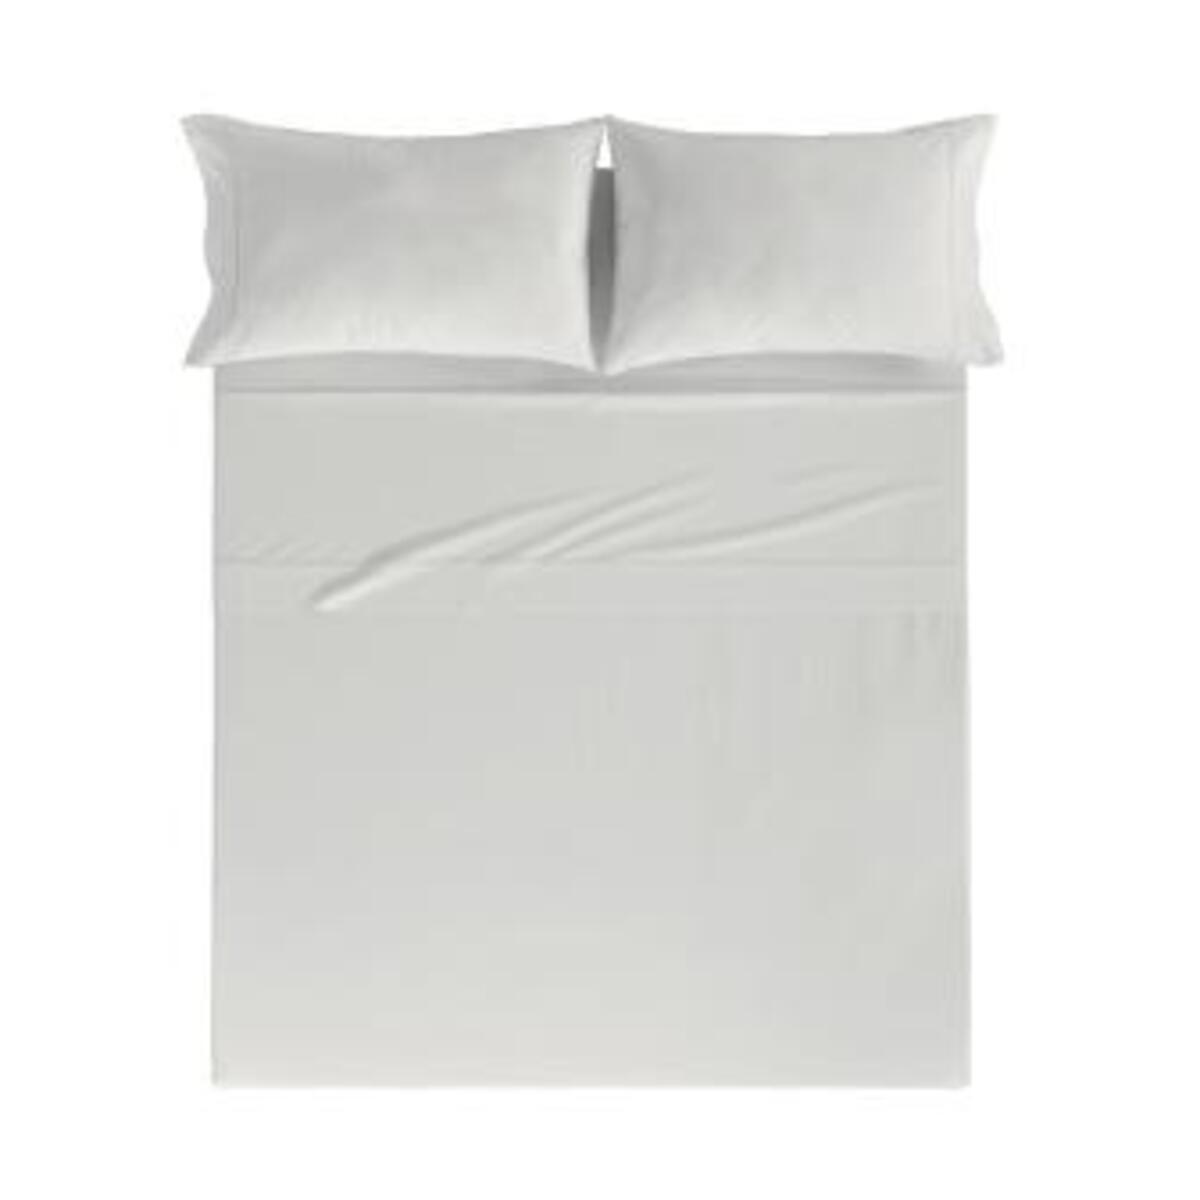 Drap de lit en coton percale gris 160x280 cm